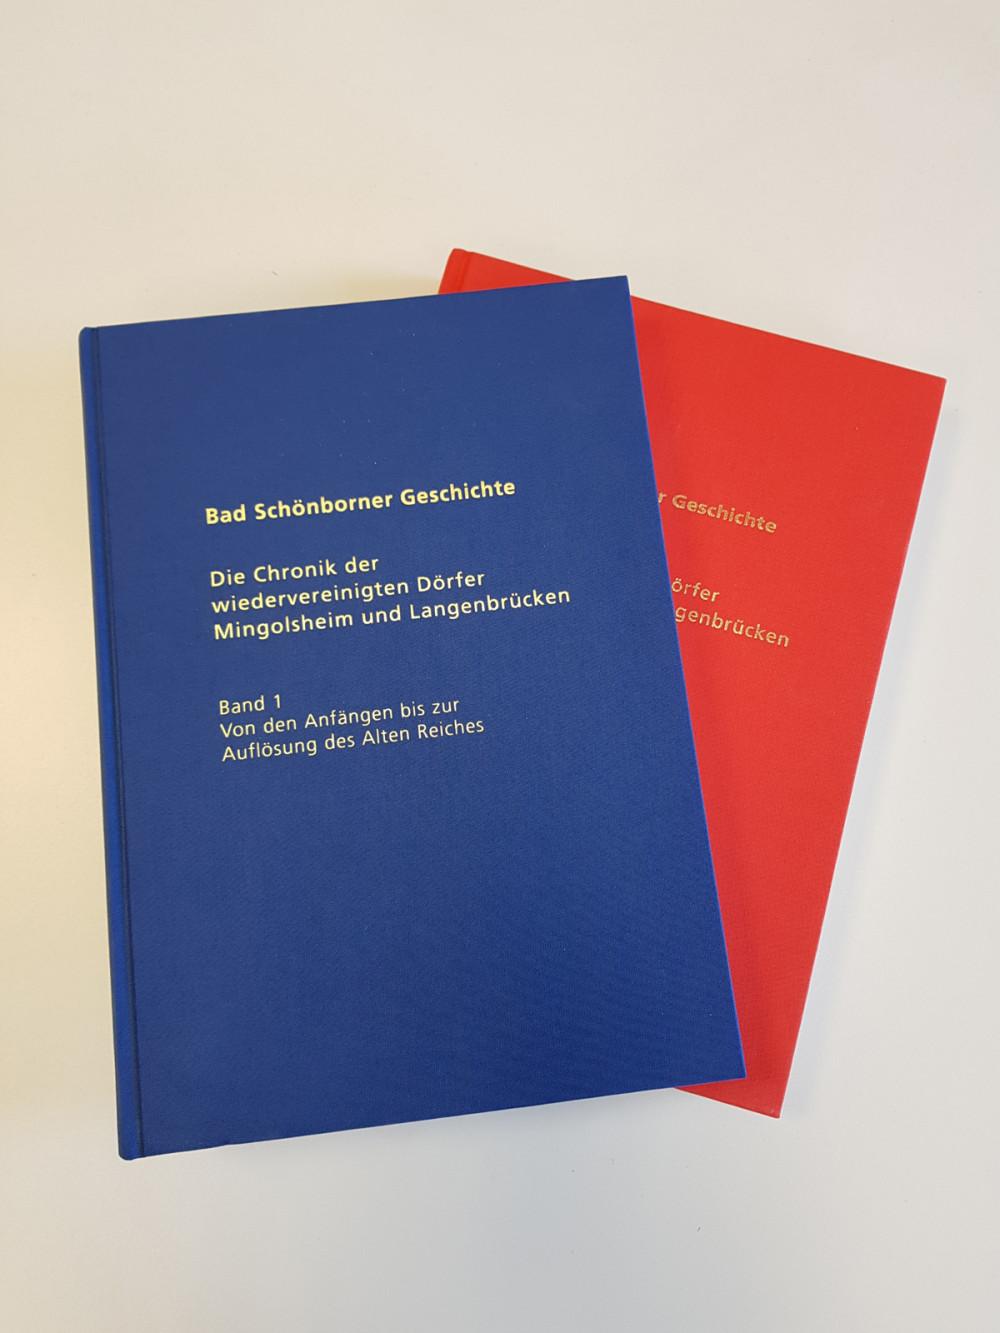 Die beiden Bände der Ortschroniken Bad Schönborn